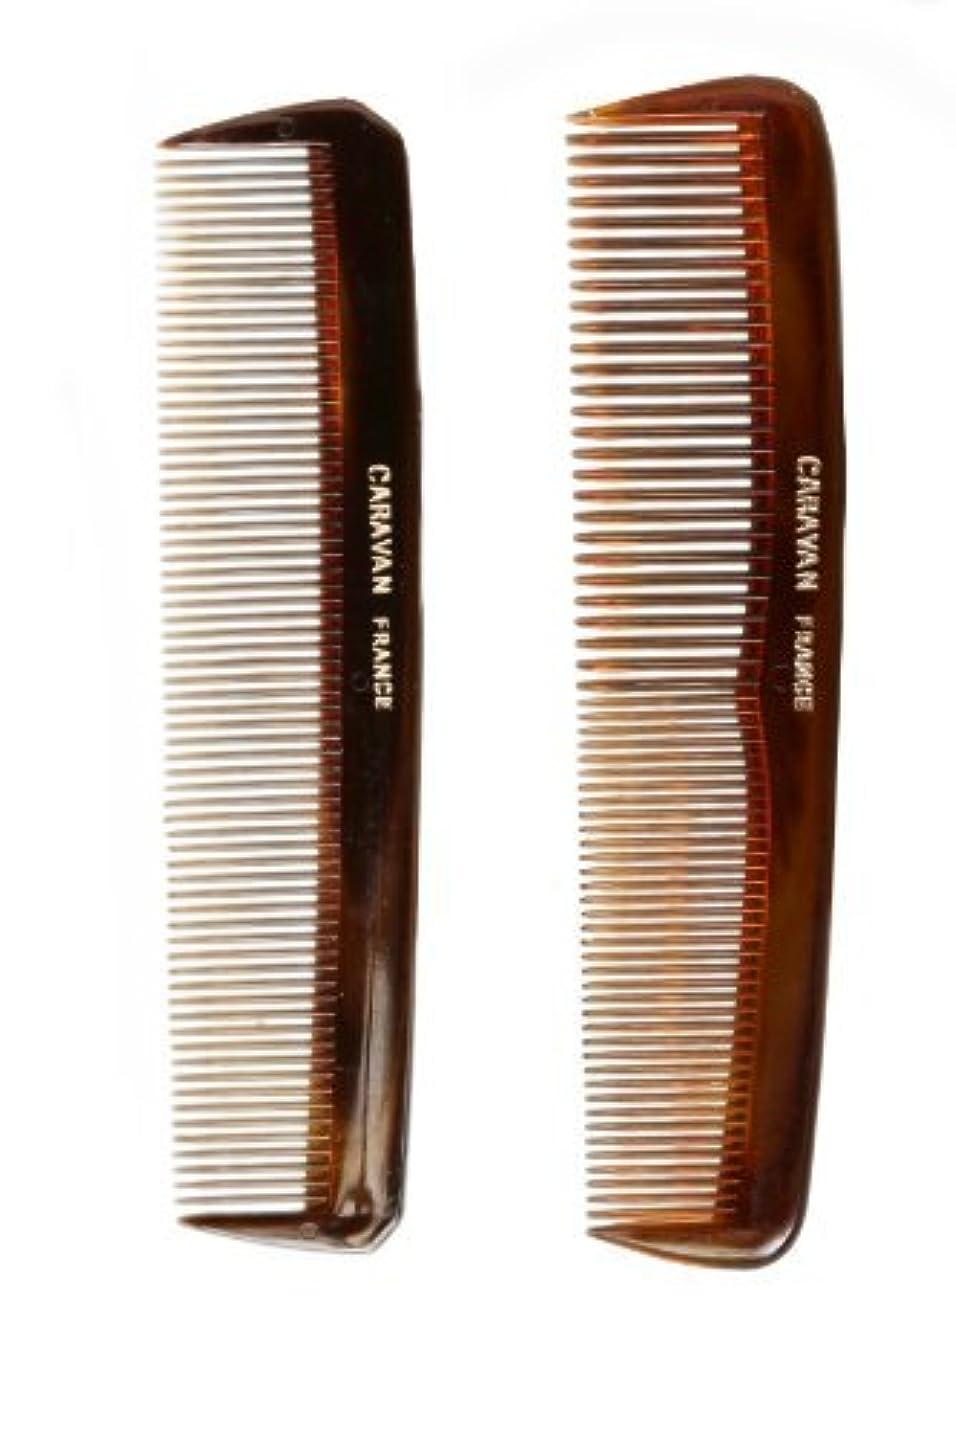 回想ミュウミュウ着飾るCaravan Tortoise Set Of 2 Shell Comb, Pocket Teeth [並行輸入品]